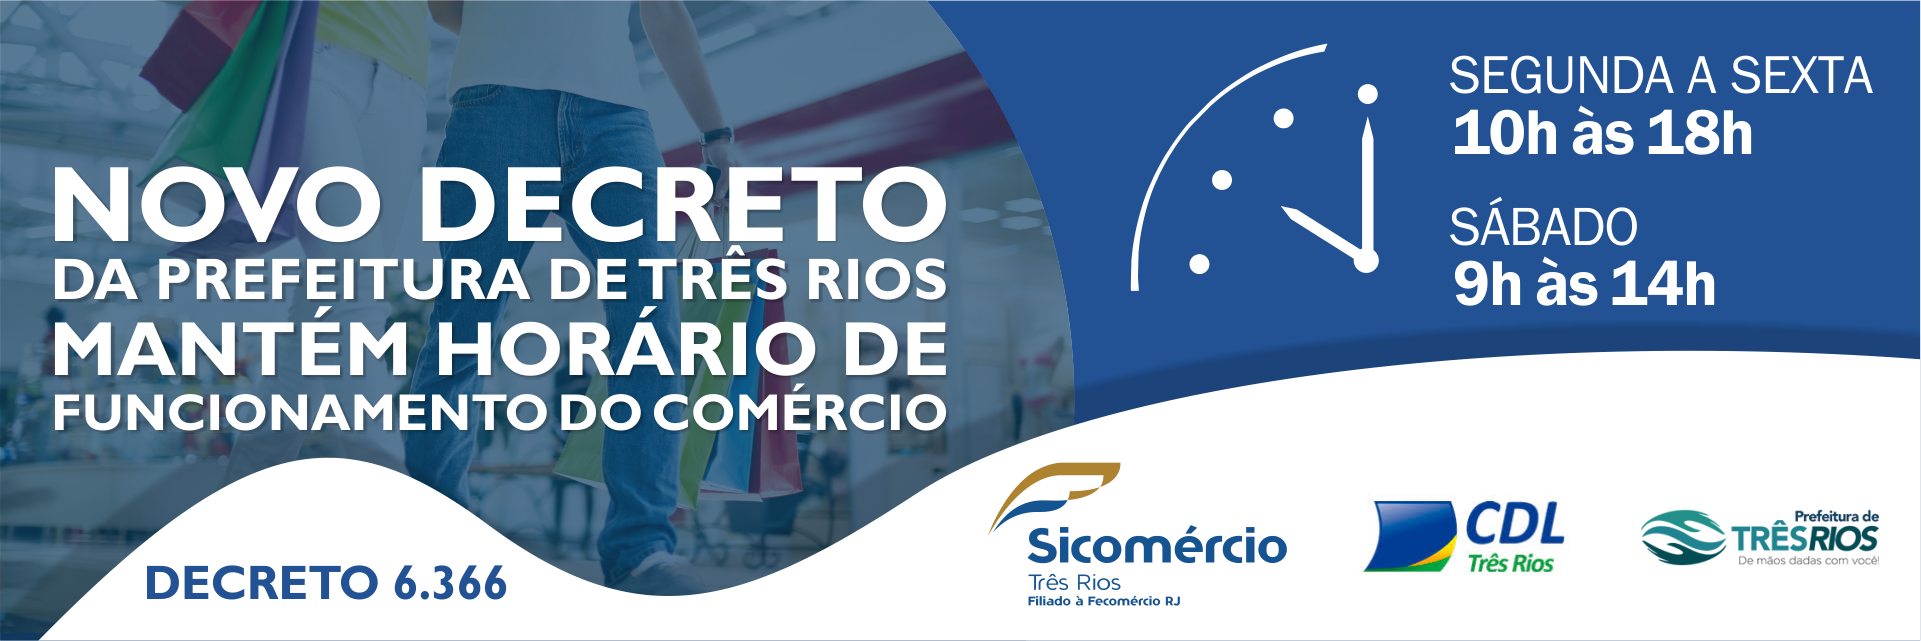 Decreto 6366 mantém horário do comércio em Três Rios